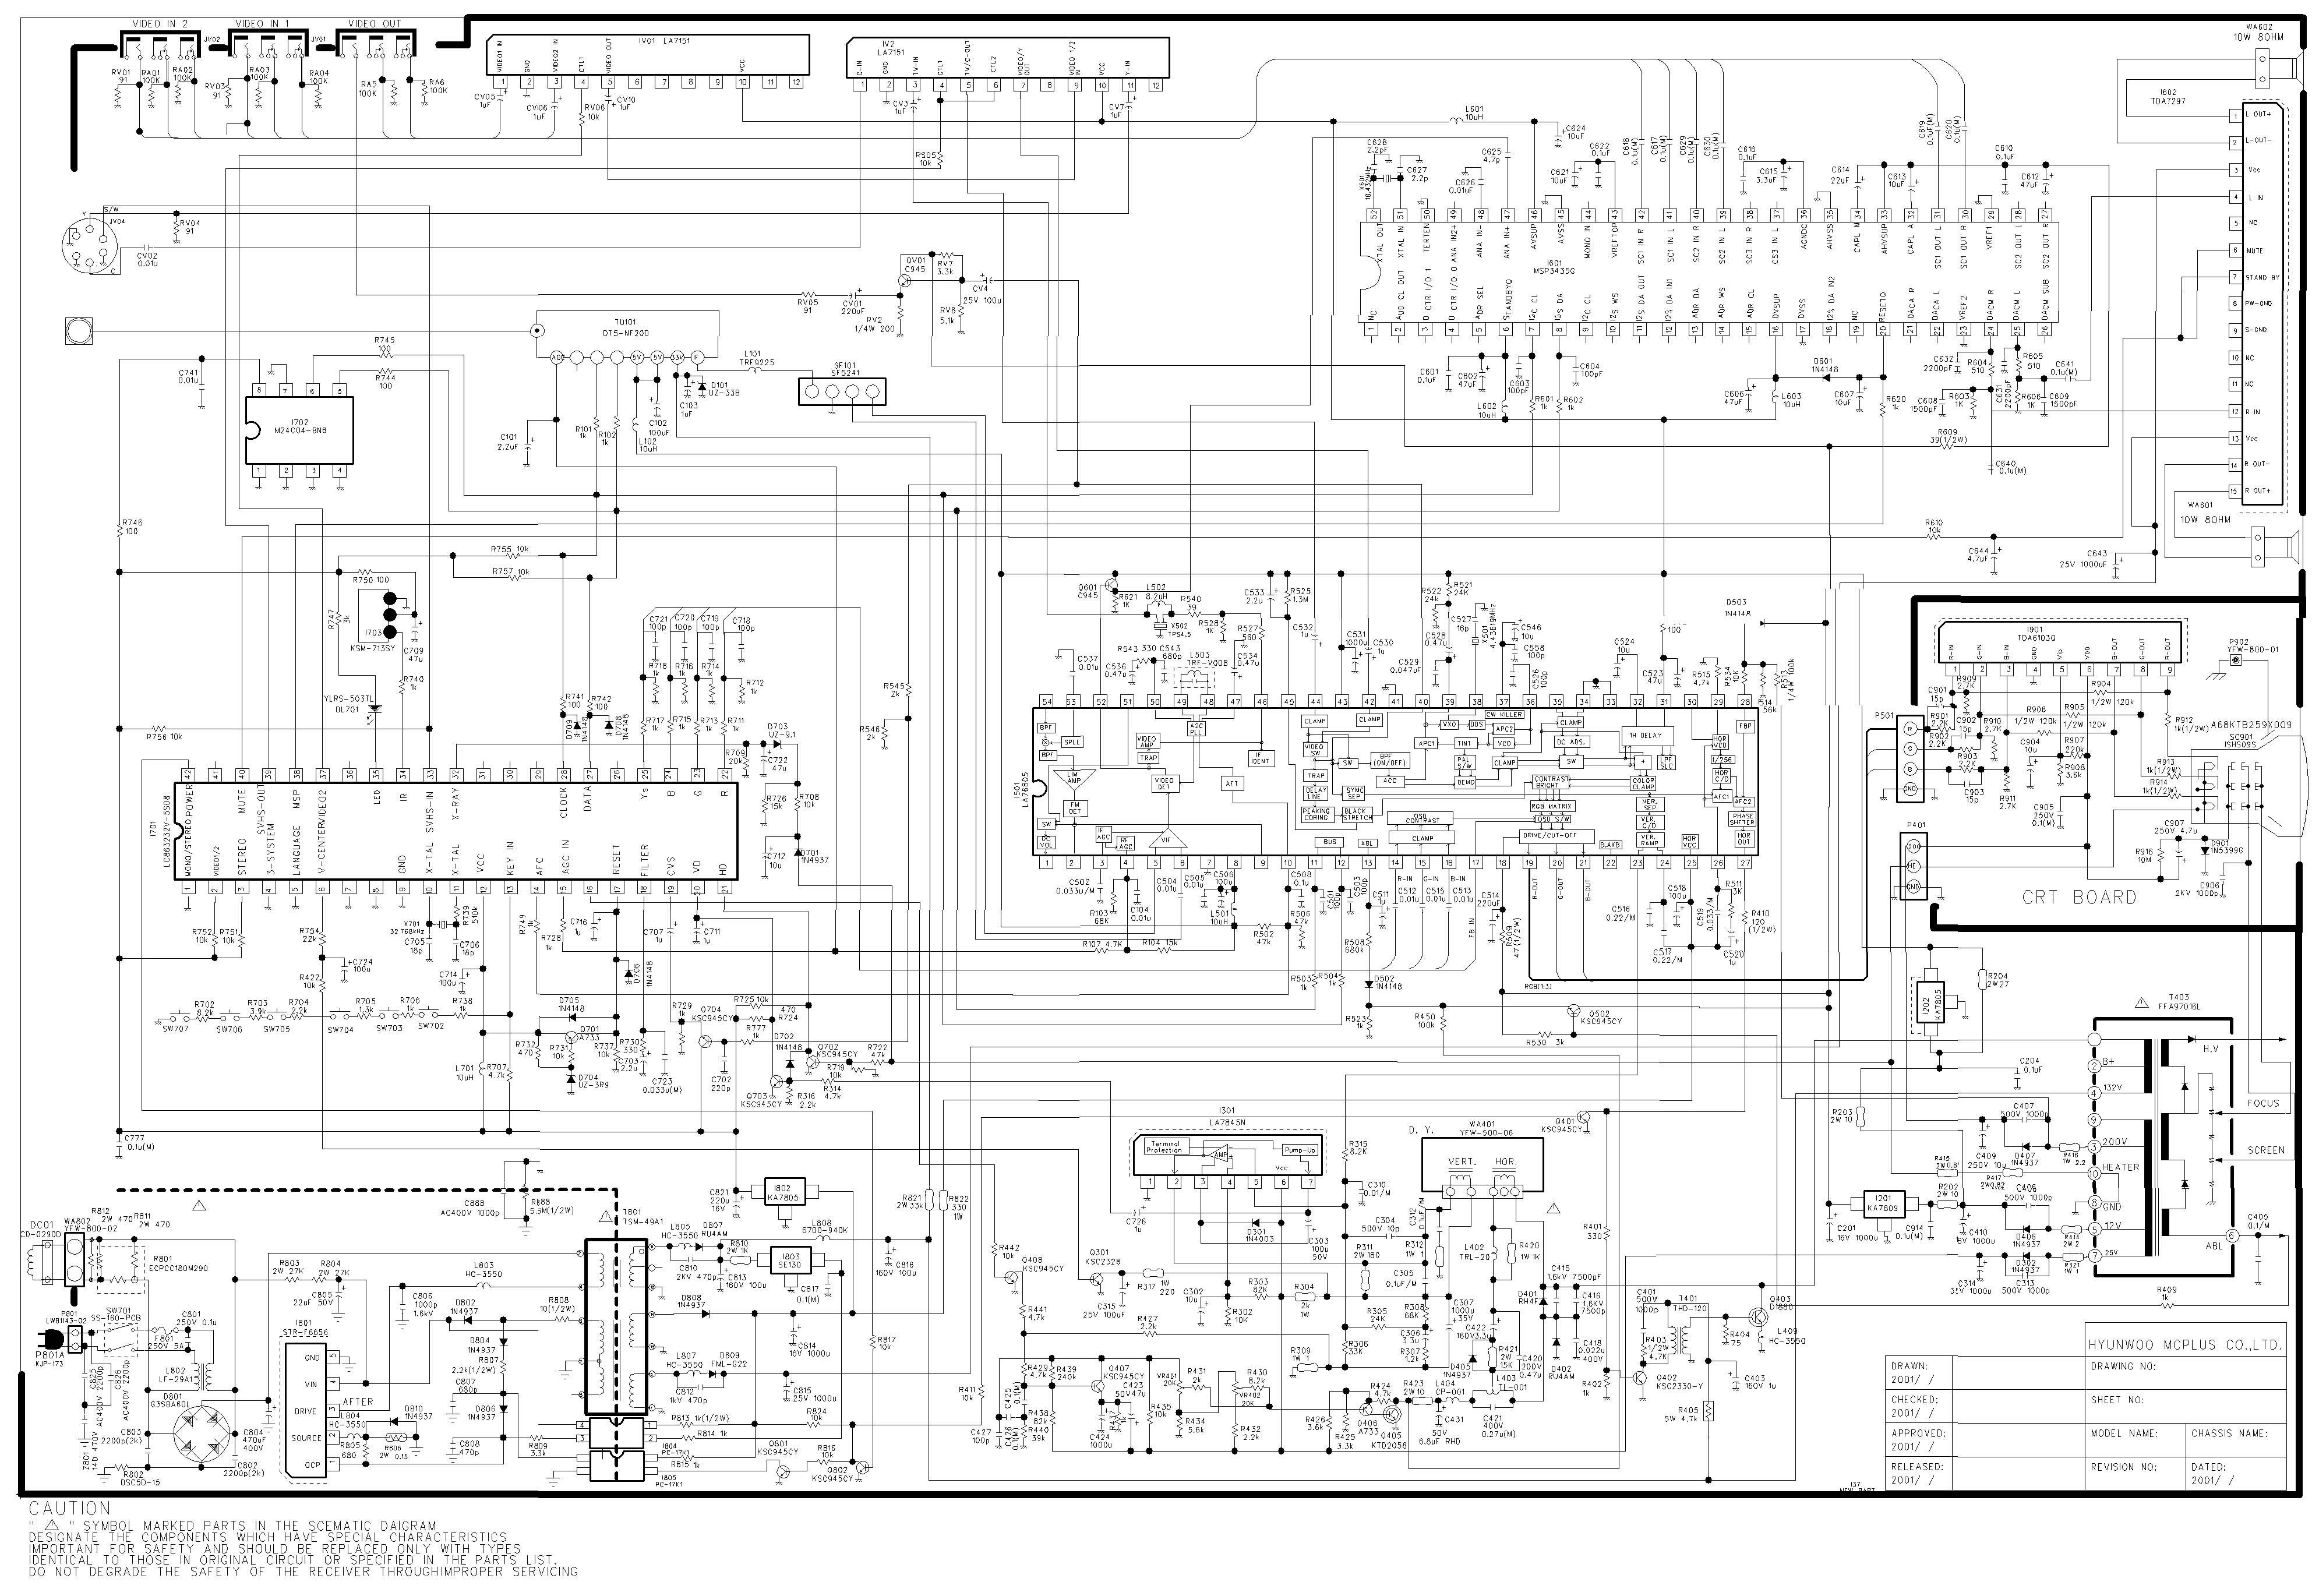 Chasis H-902F - STR-S5707_LC863232V-5508_MSP3440G-B6_LA76805_LA7841K_TDA7267A - Hitachi CDH-29GS5.pd